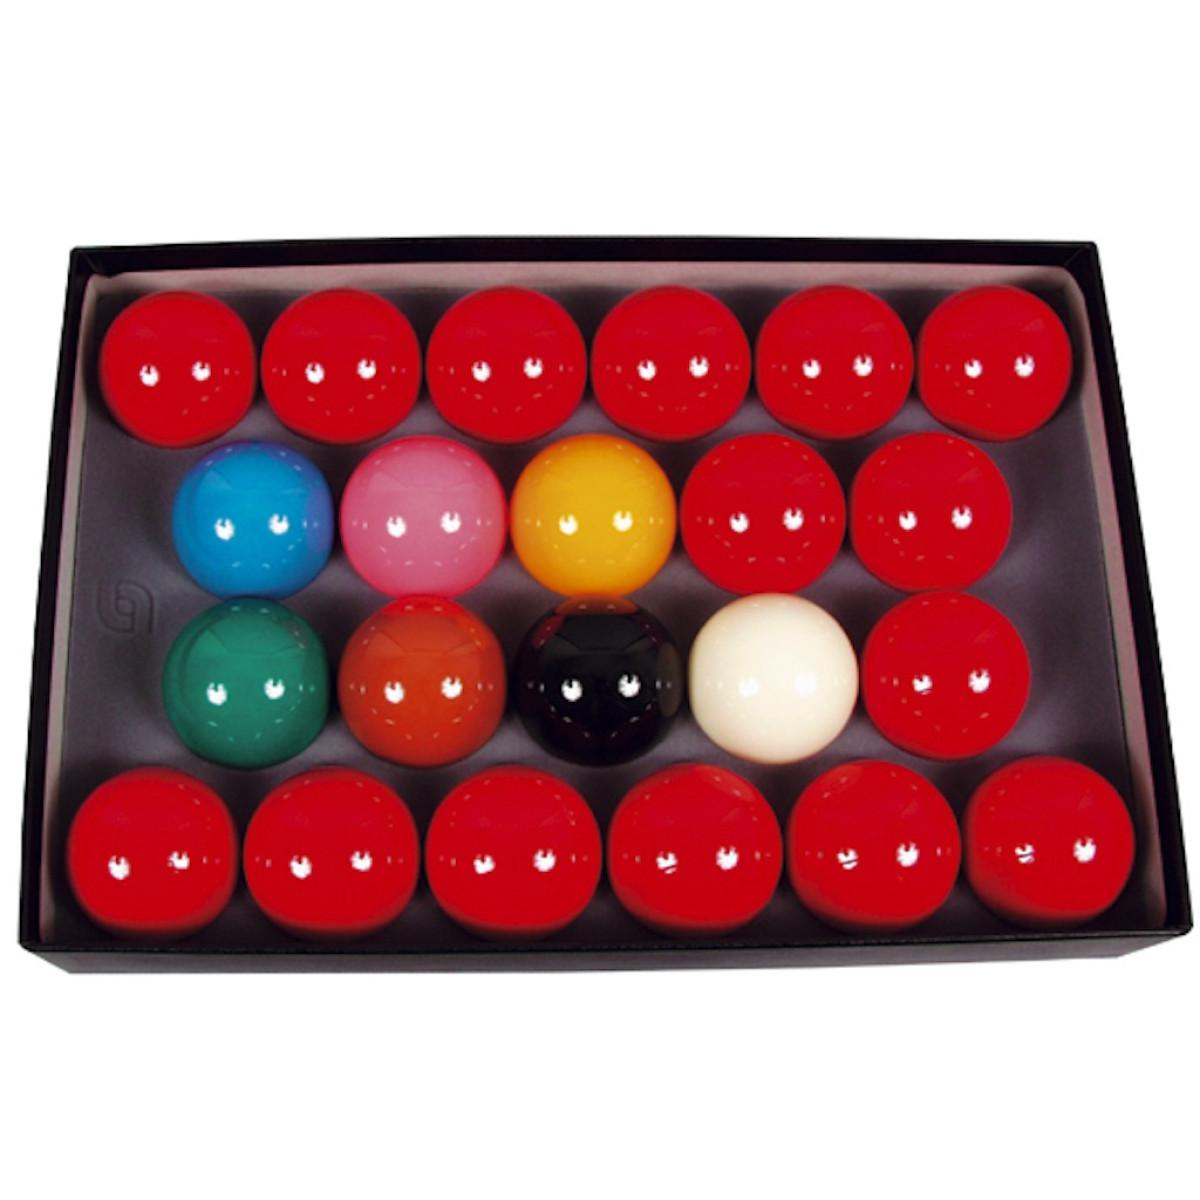 Казино игры бесплатно рулетка